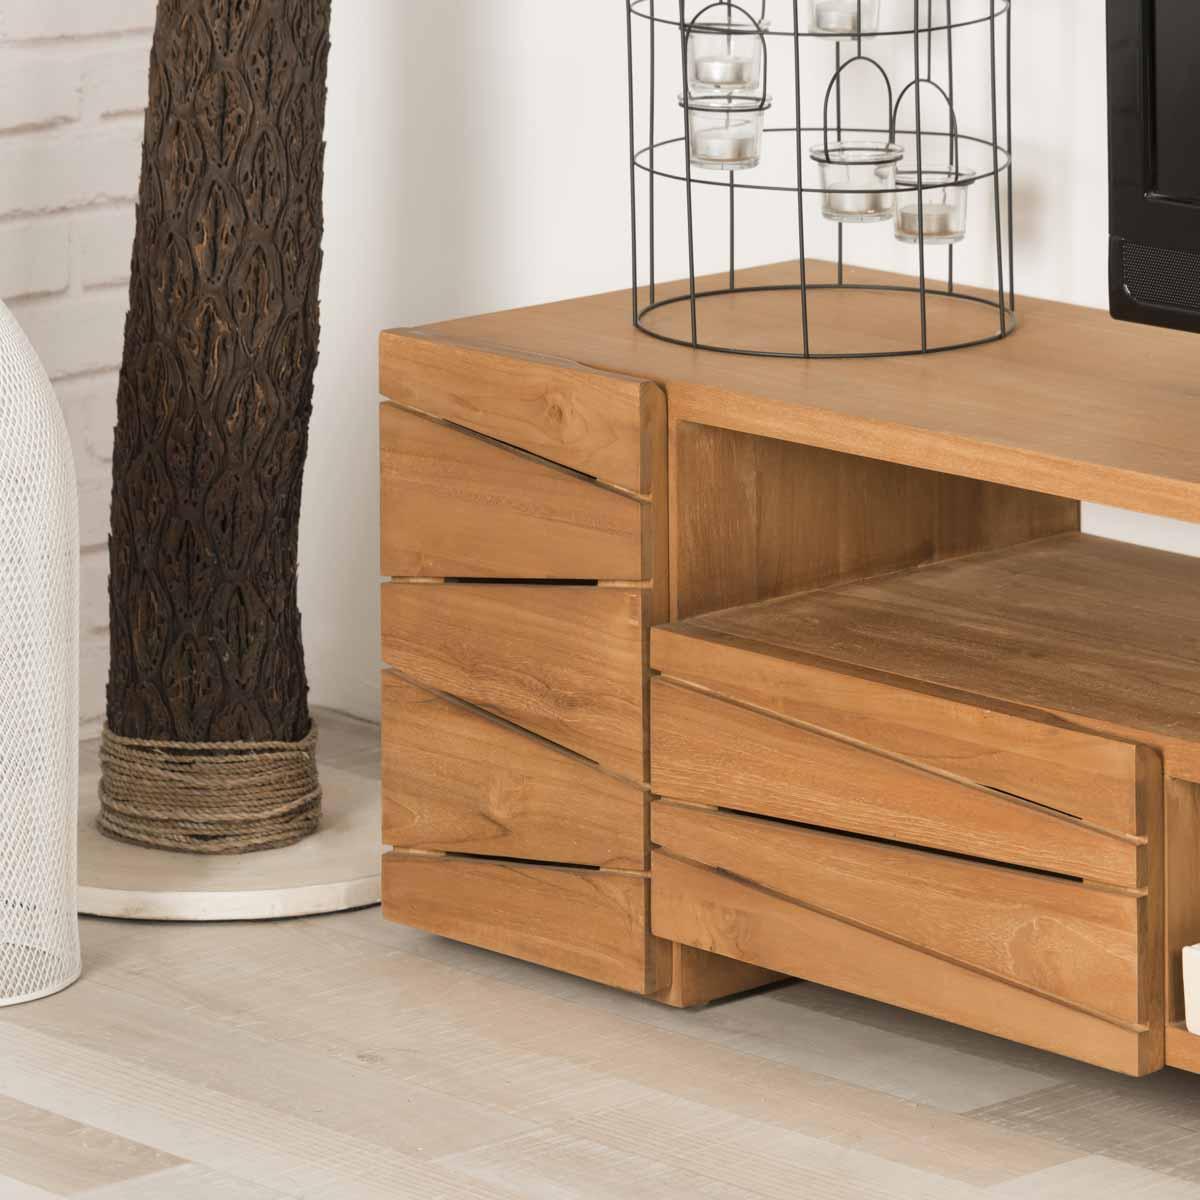 Meuble tv teck meuble tv bois naturel rectangle for Nettoyer meuble teck